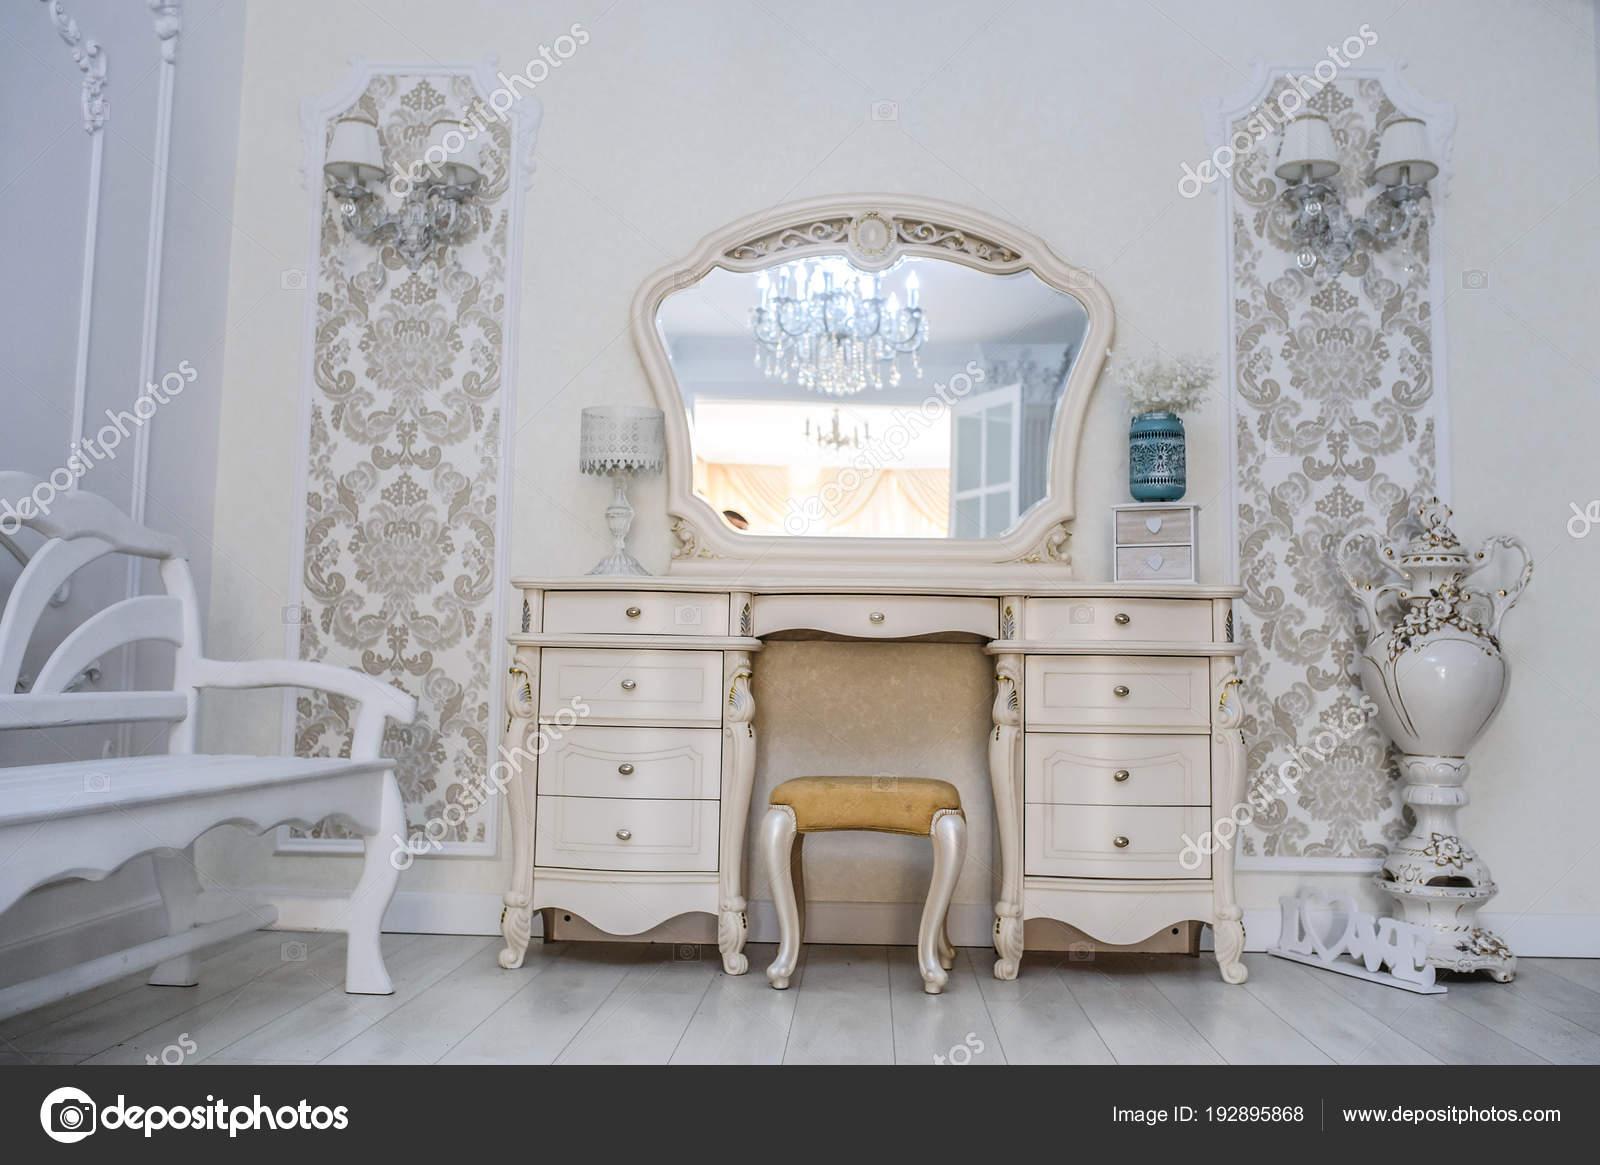 Make Up Stoel : Kamer met stoel en een spiegel voor make up u2014 stockfoto